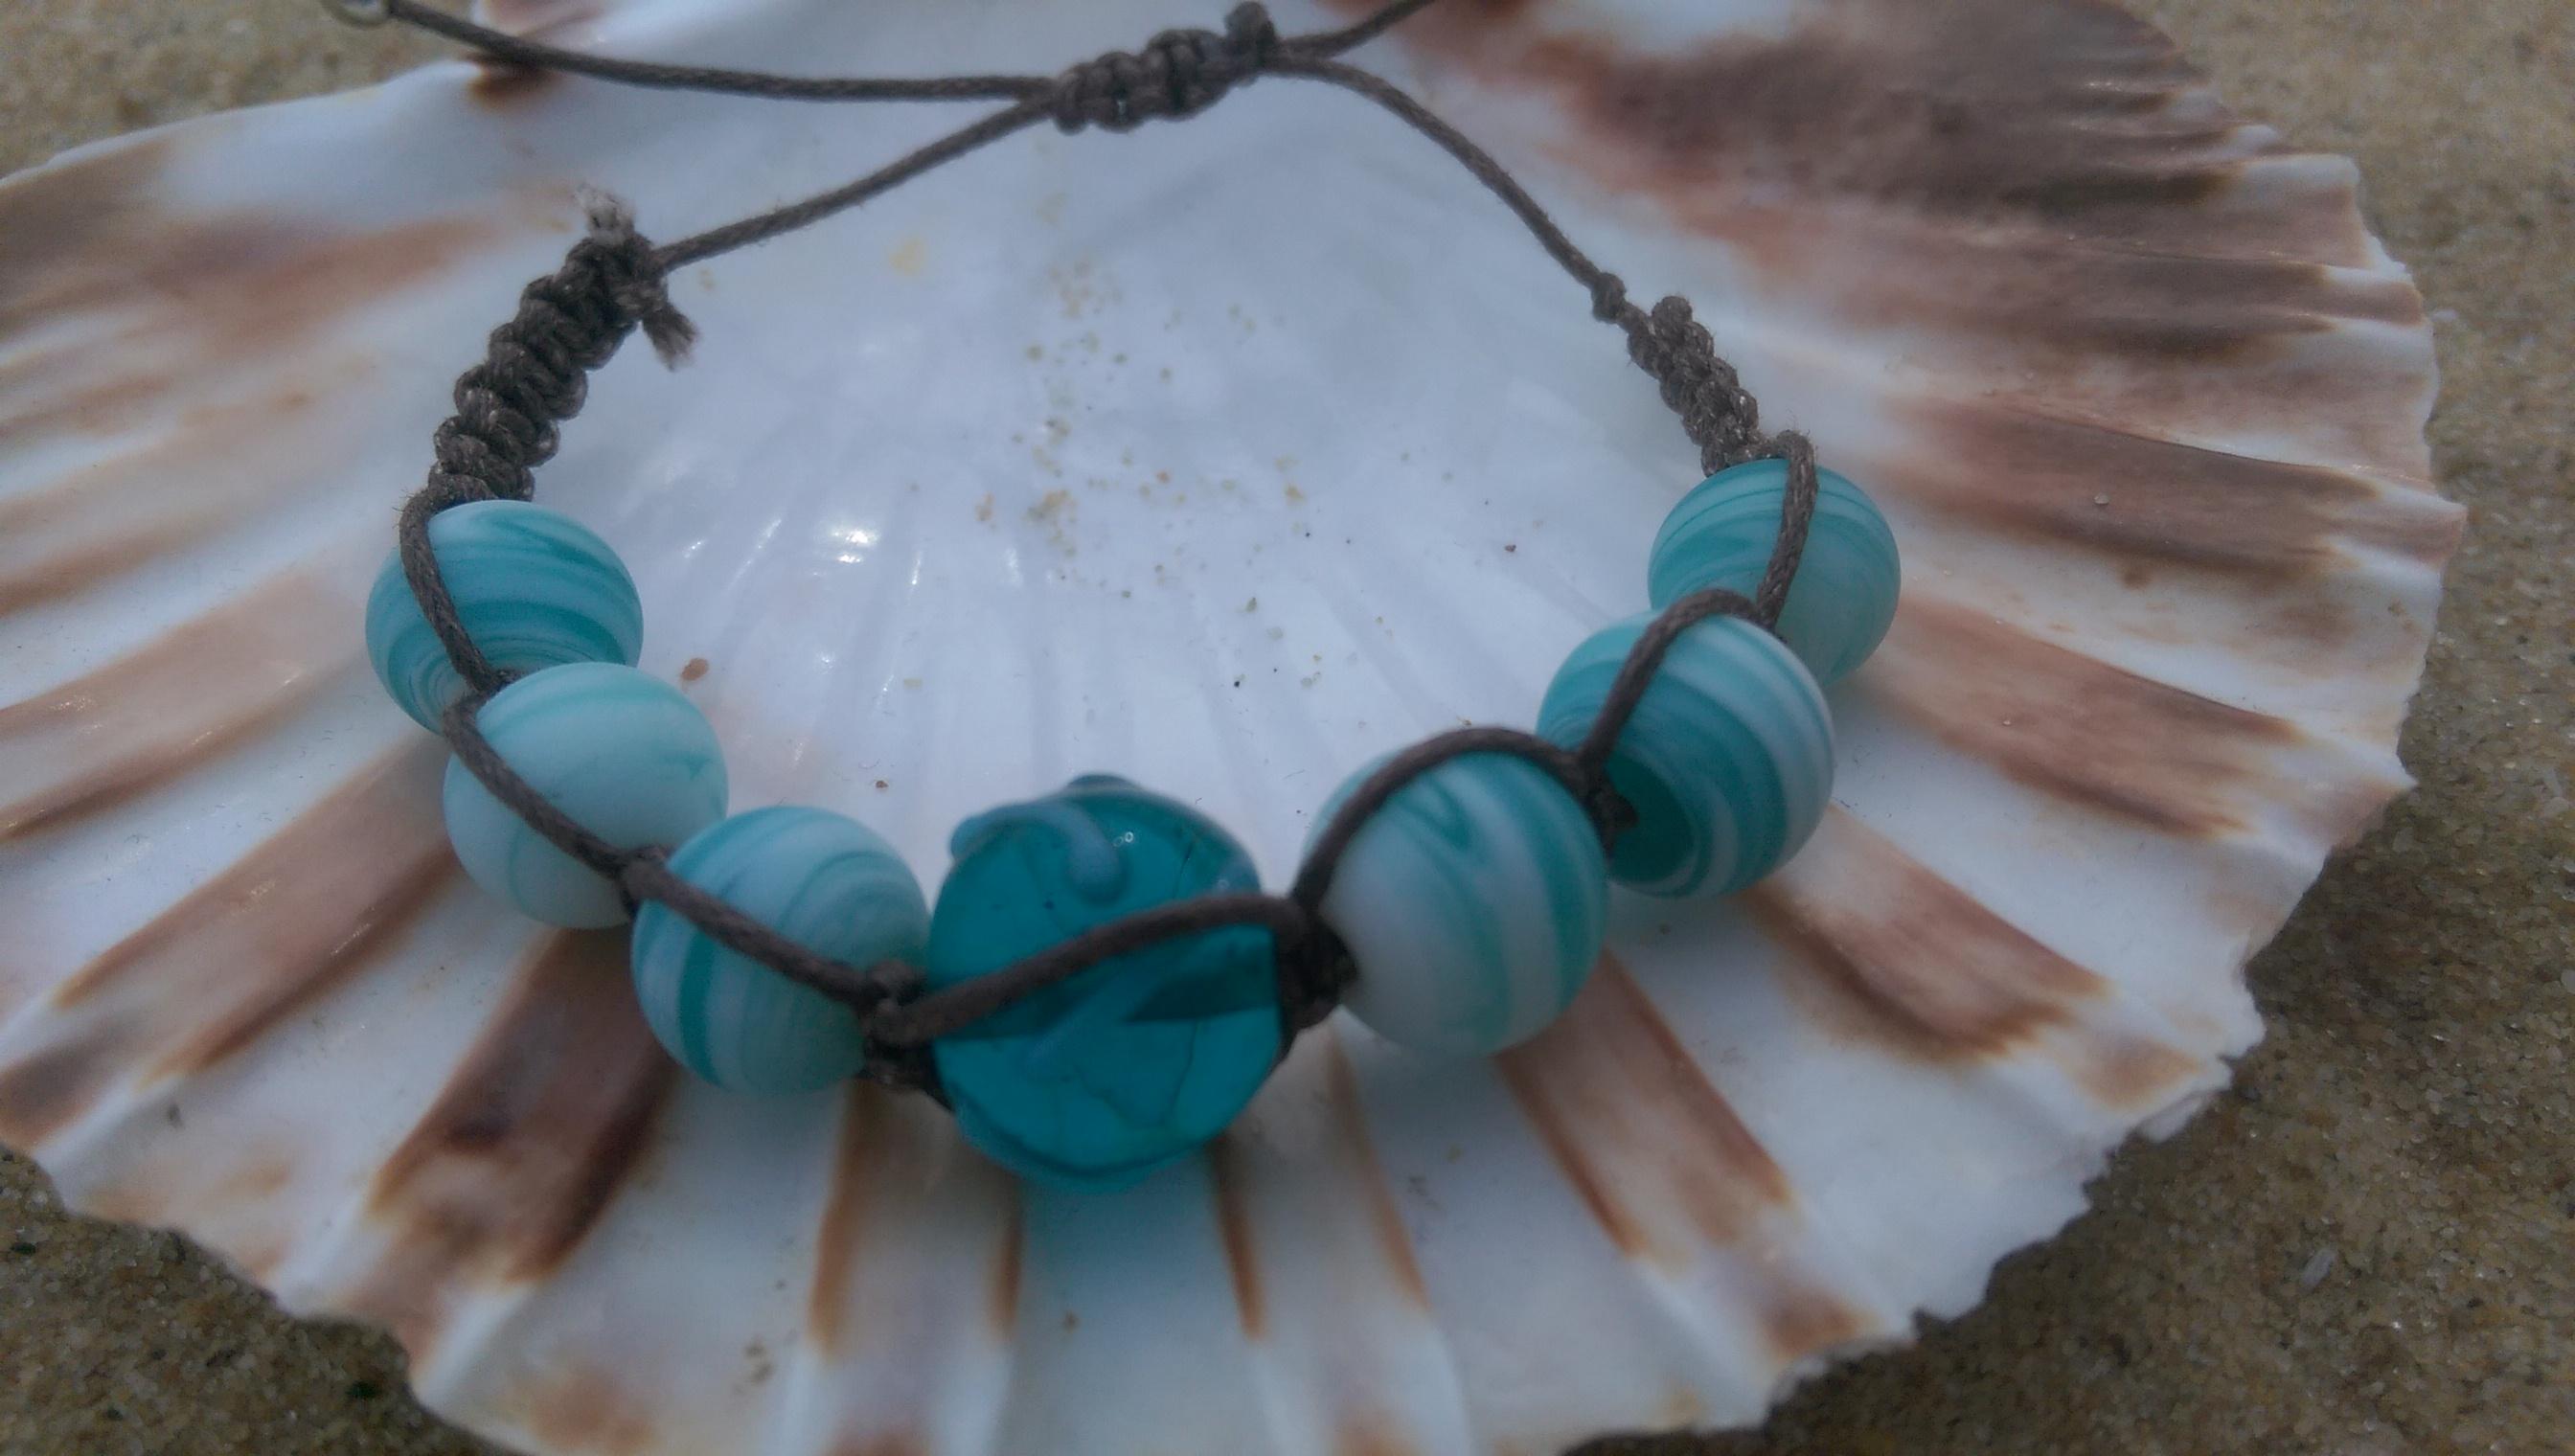 Turquoise beaded shamballa style